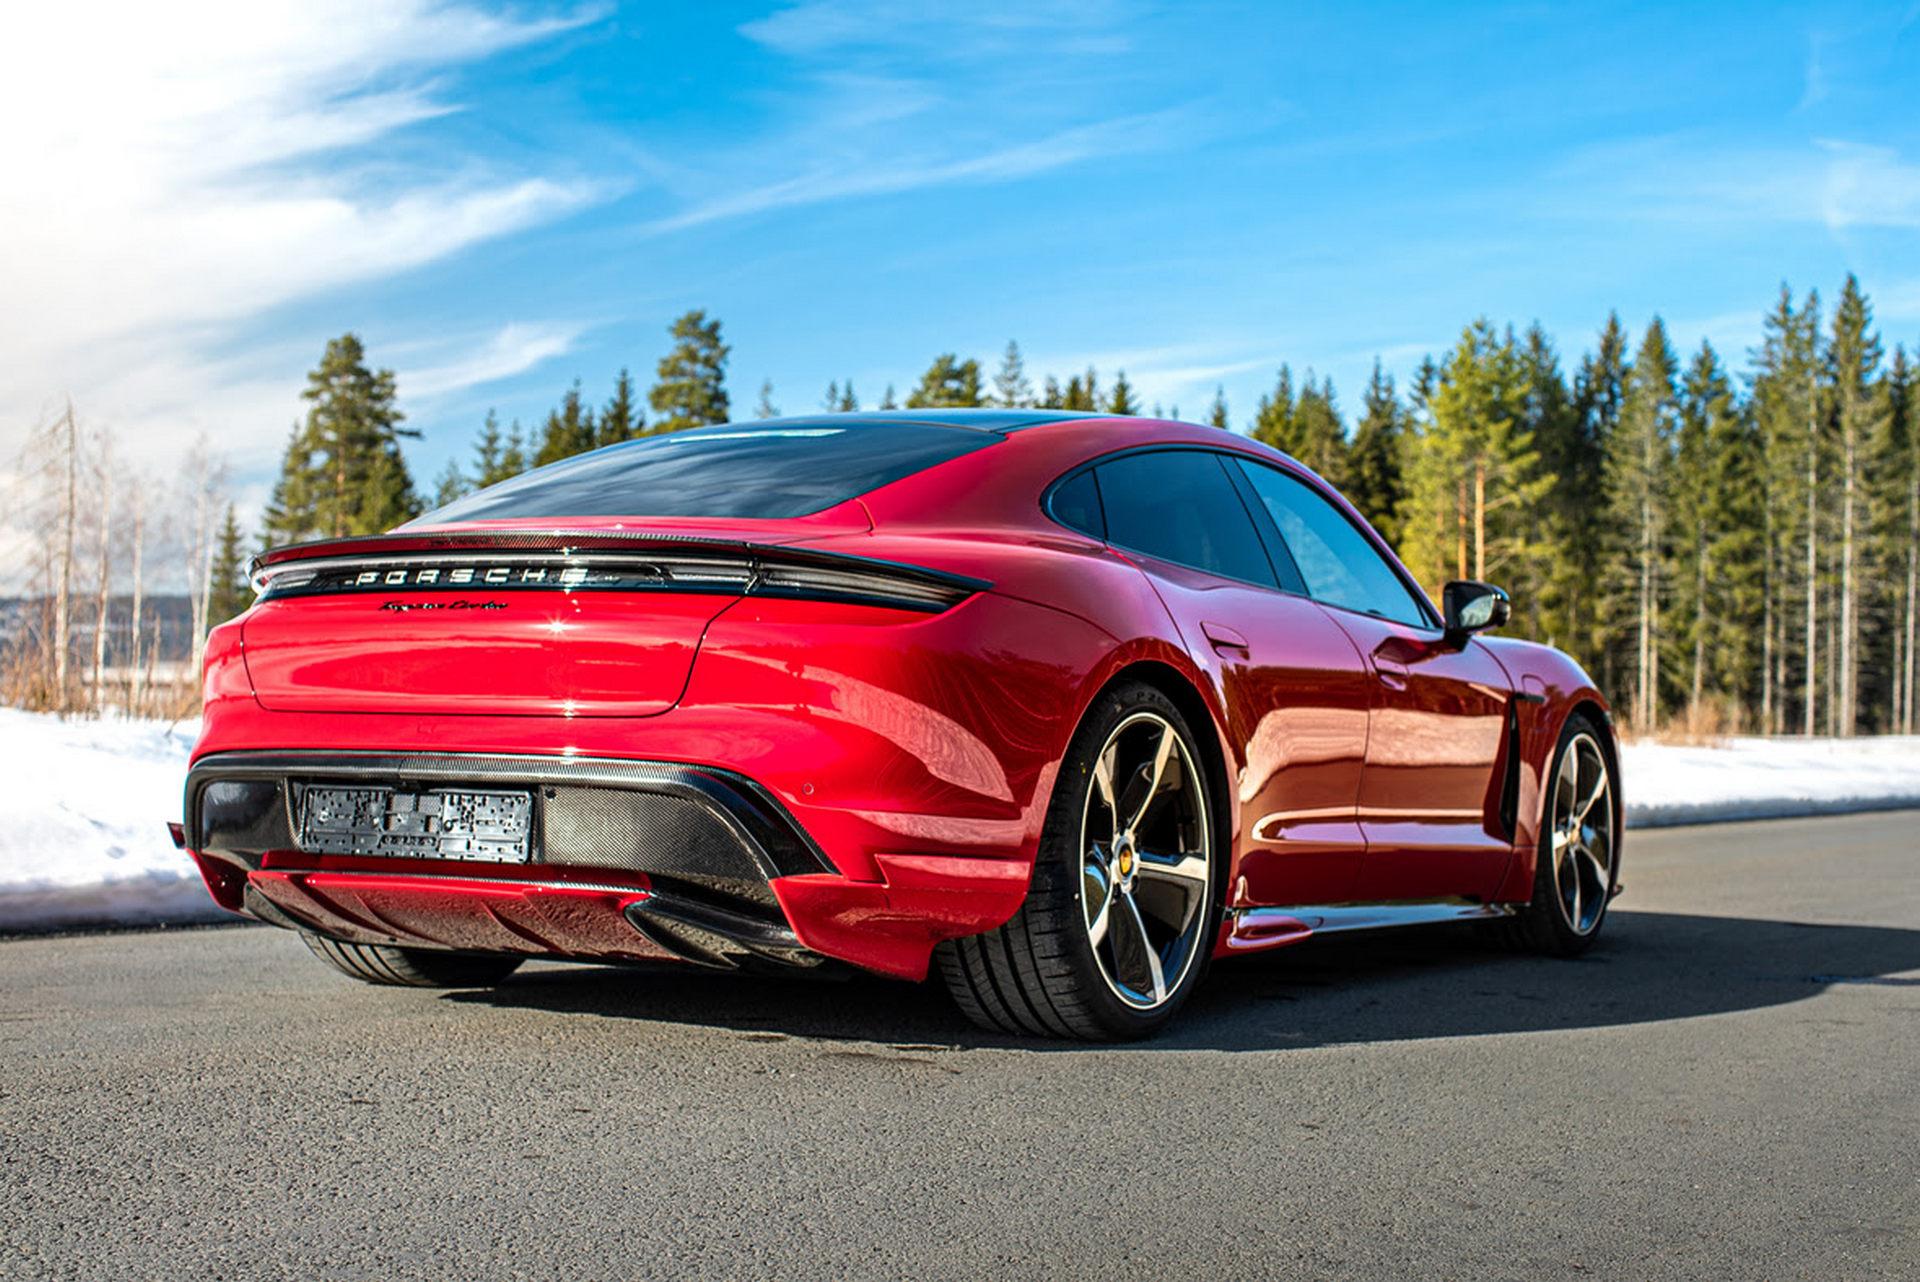 Porsche-Taycan-by-Zyrus-Engineering-3